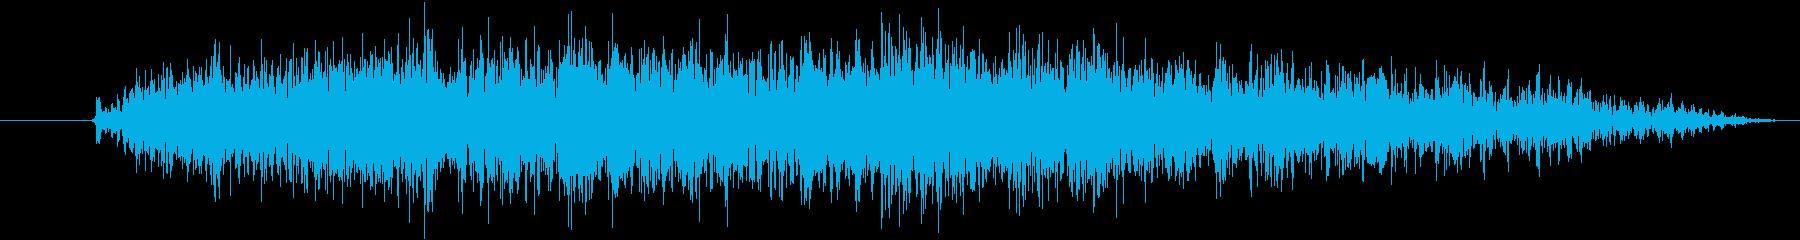 トランプシャッフル:開始、カードな...の再生済みの波形